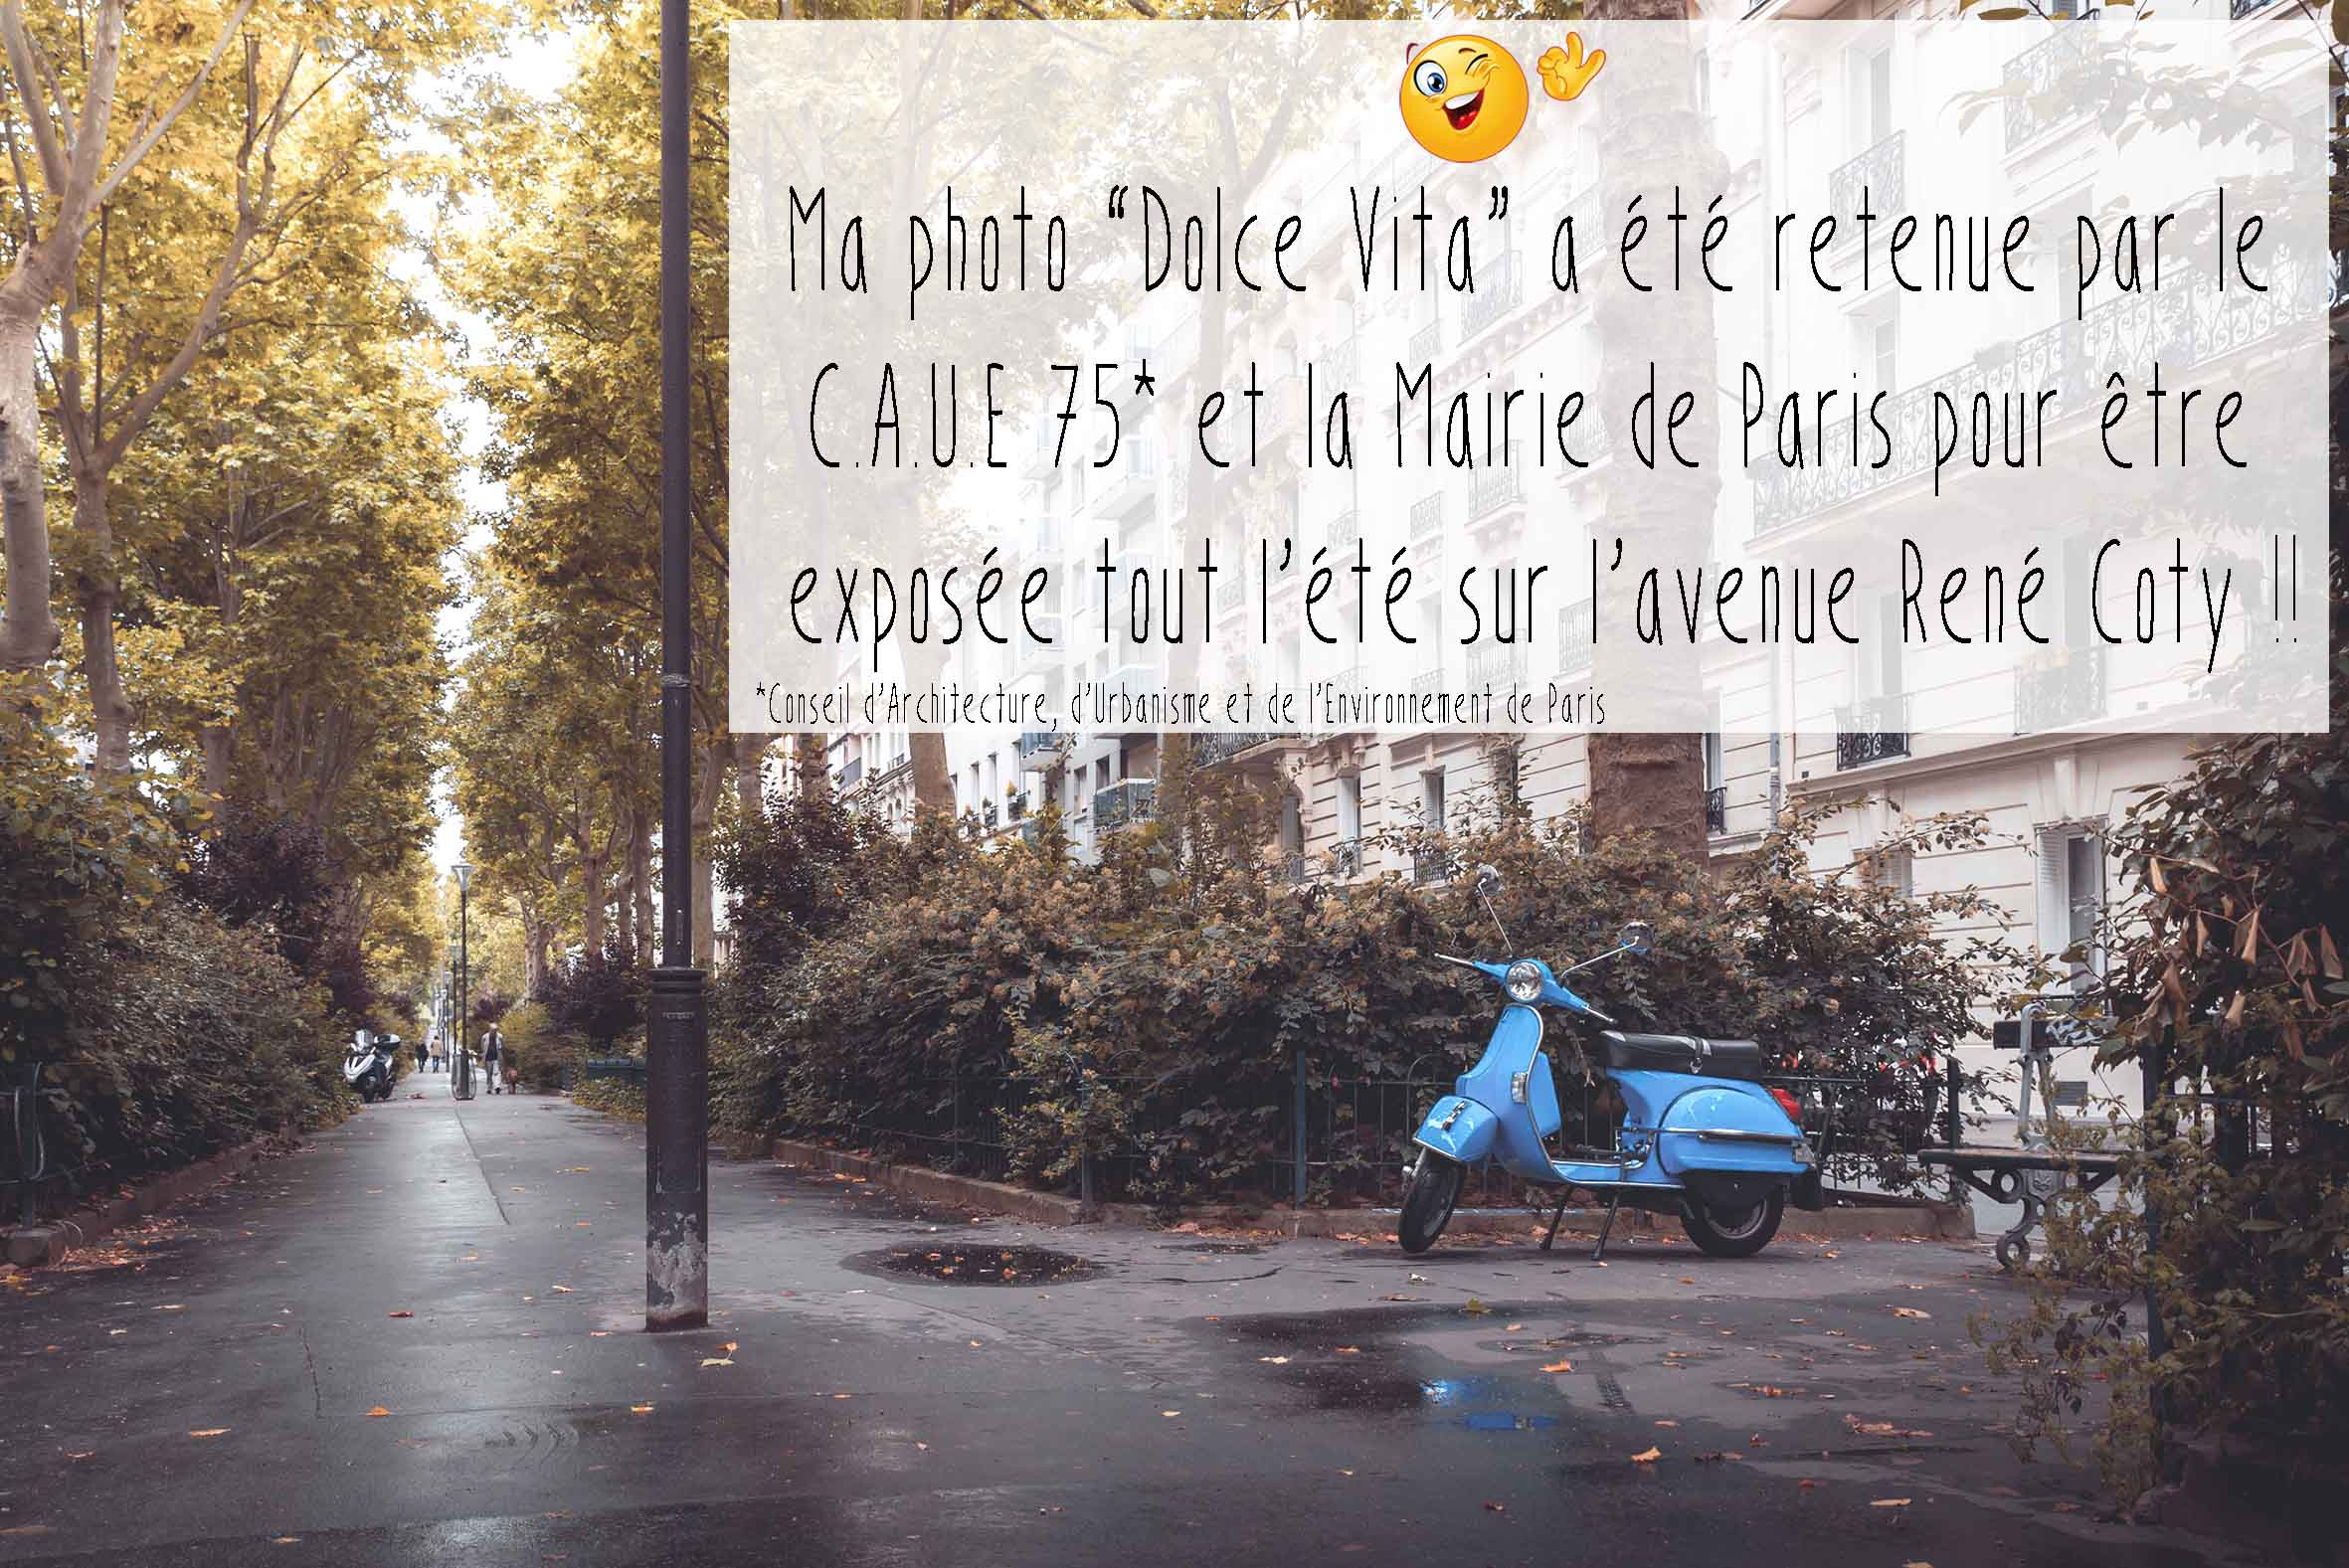 Image du jour, photo du jour, Remicito photo, Remicito, CAUE PARIS, Mairie de Paris exposition, Avenue René Coty Paris, belle photo Paris 14